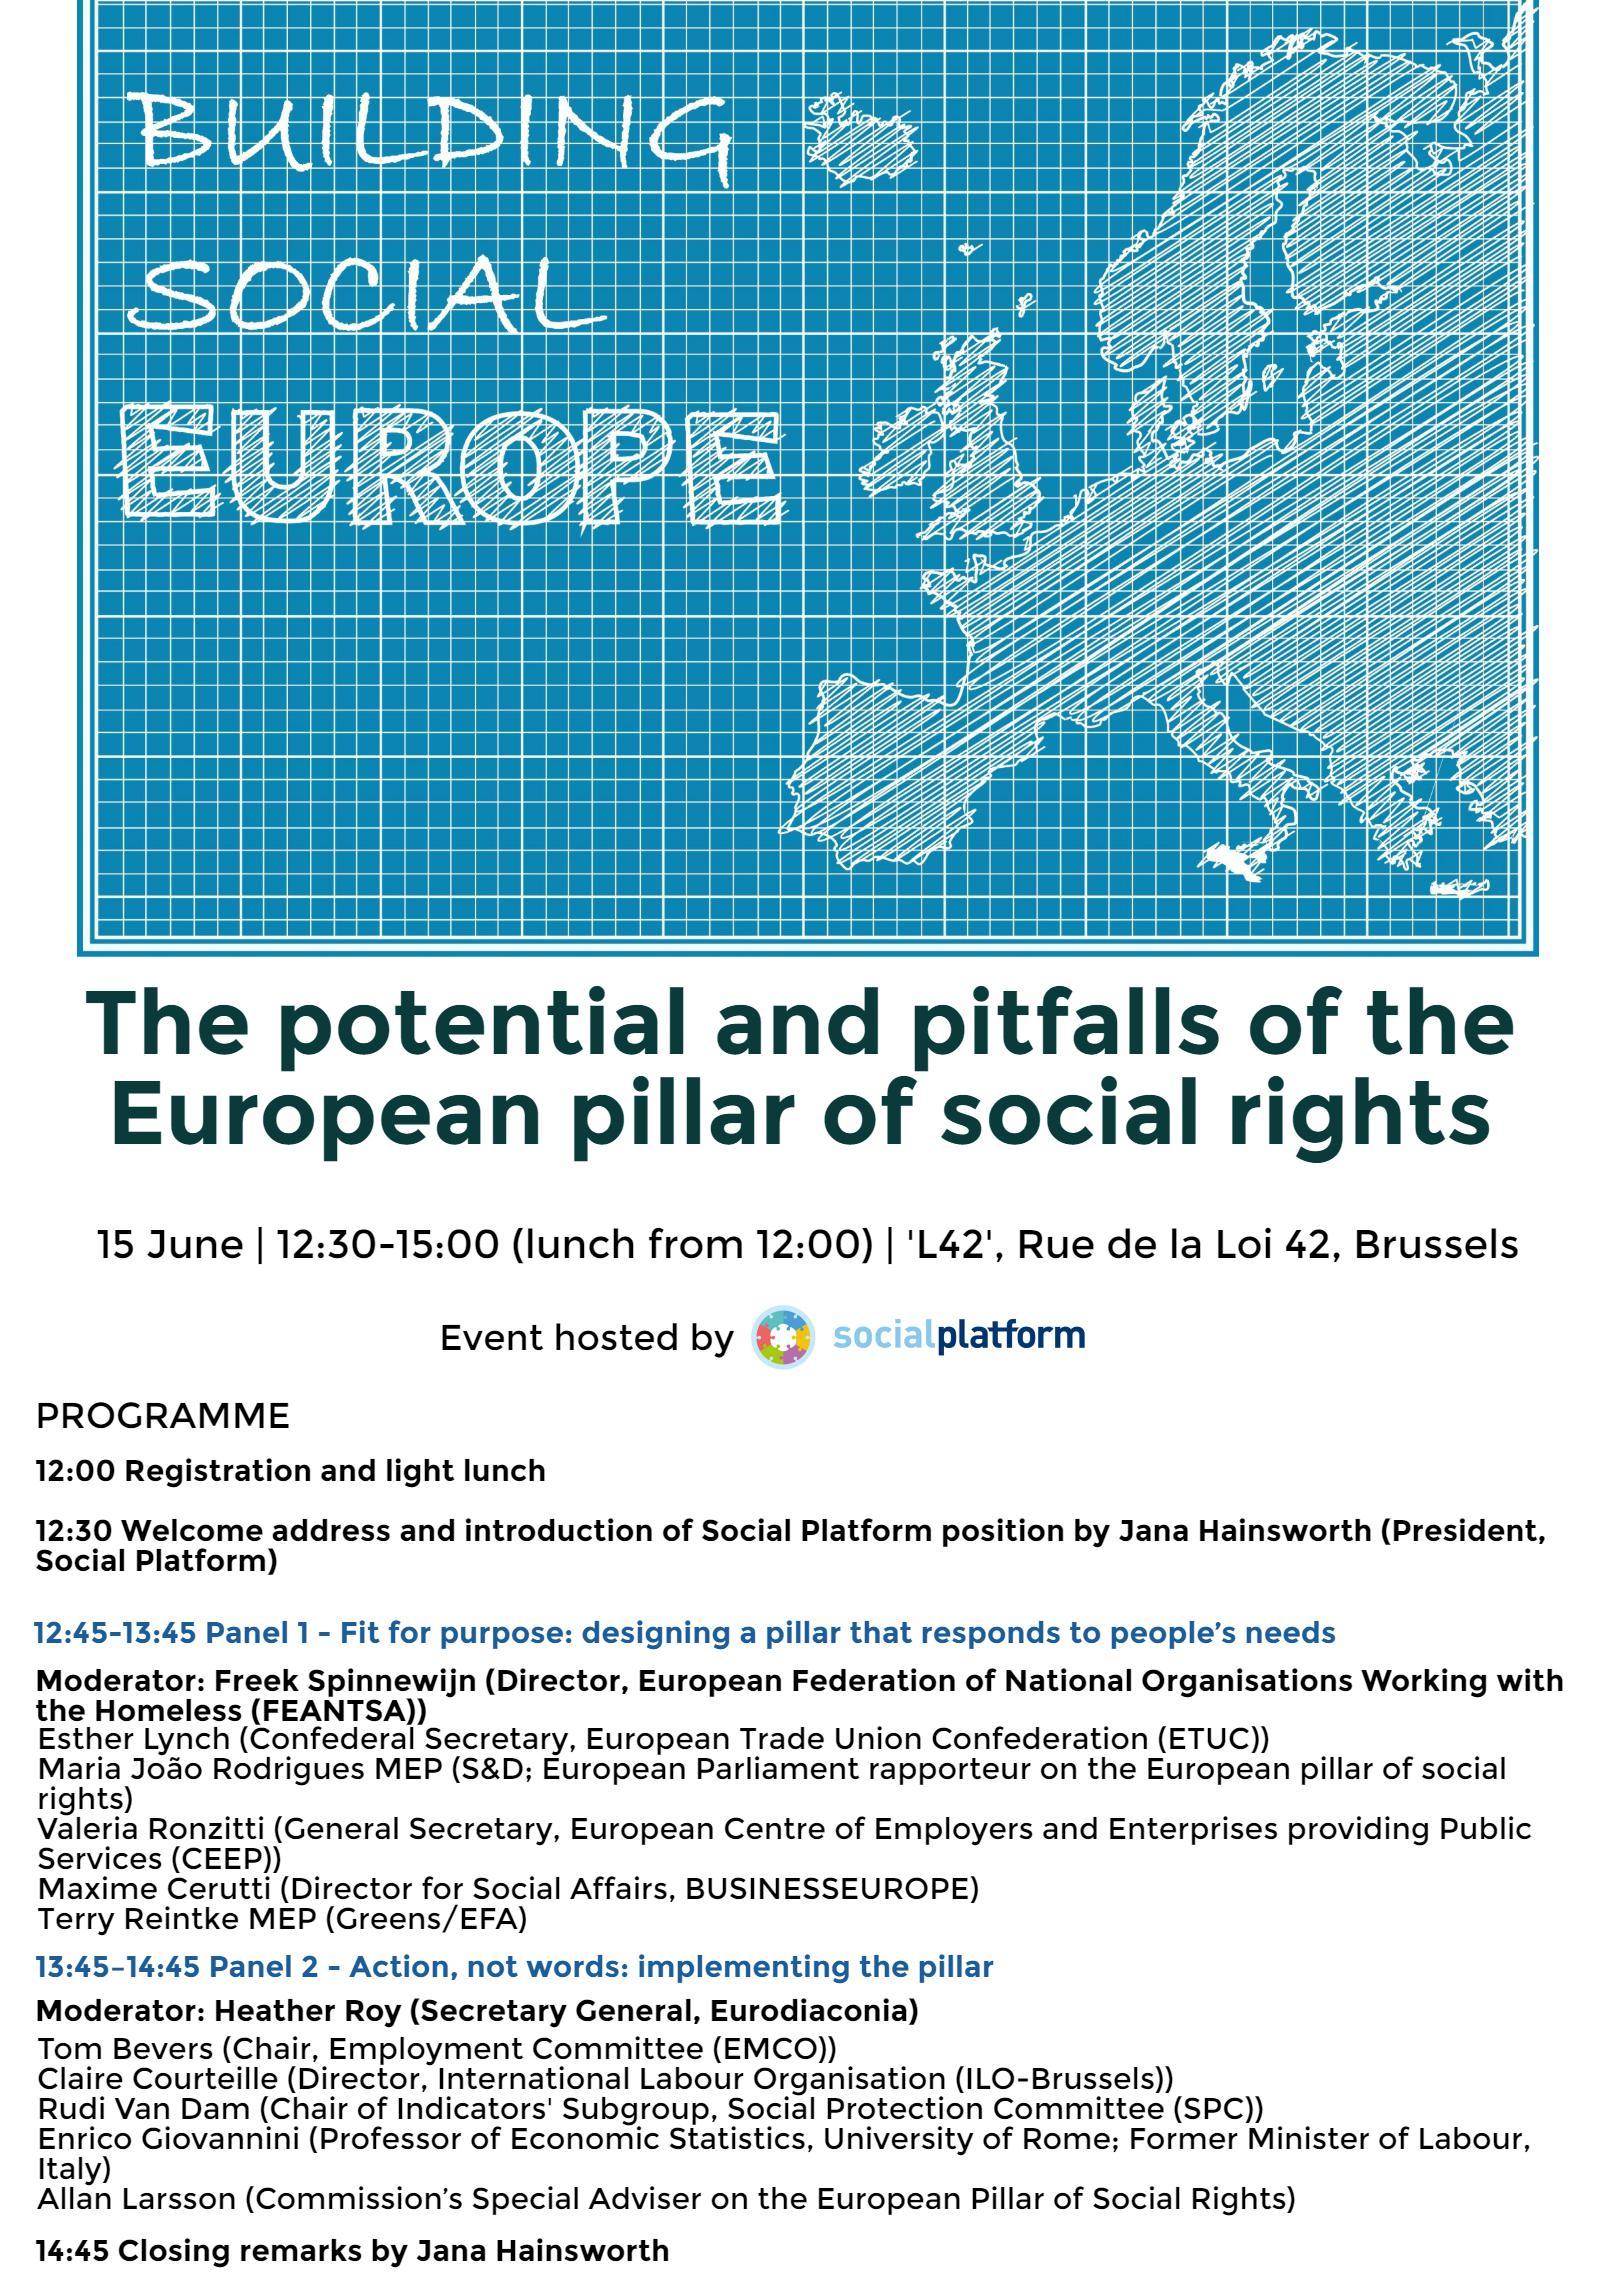 Agenda - Social Platform event - Building Social Europe 15.06.16